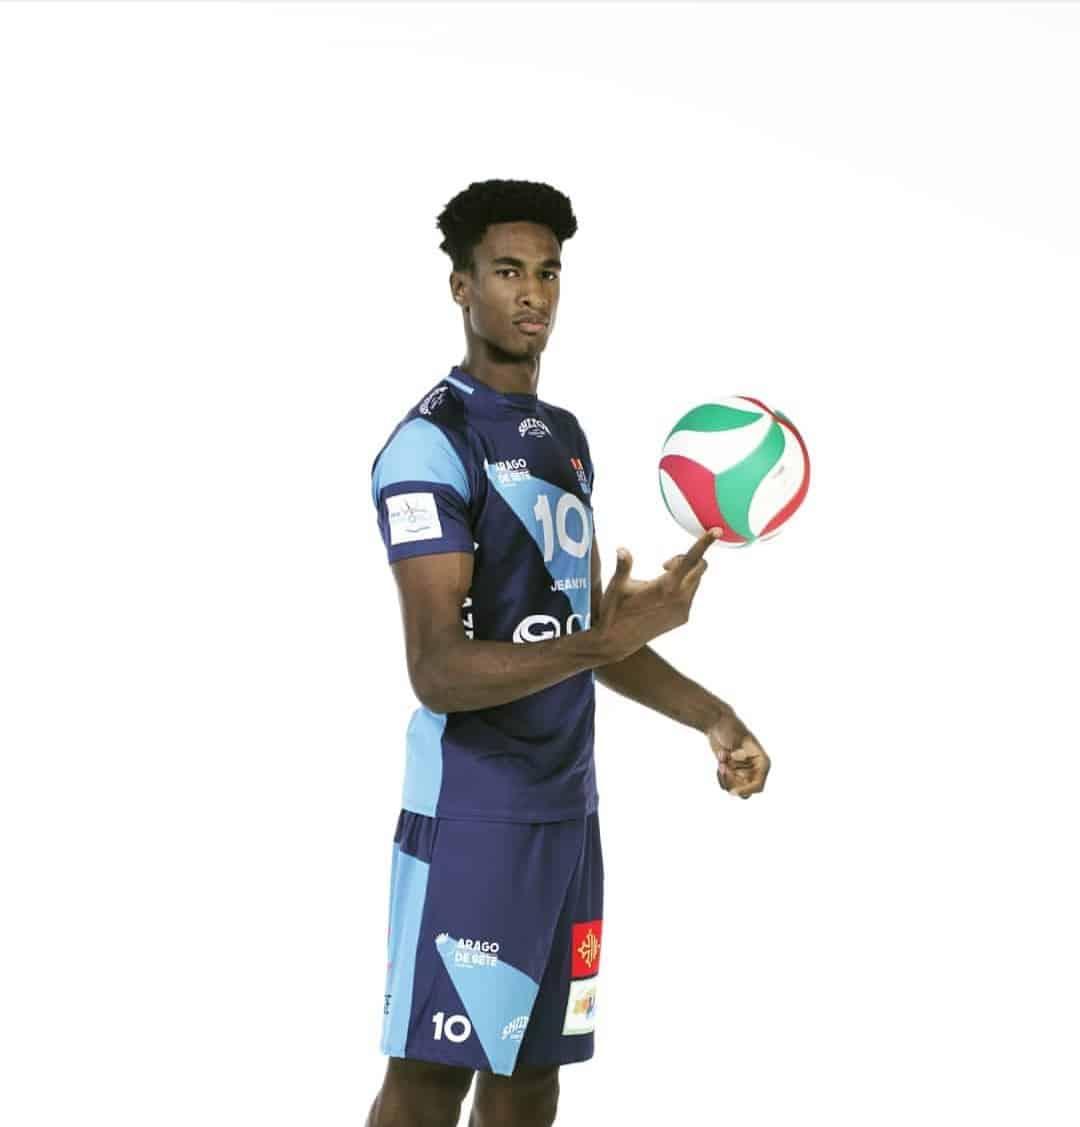 nouveau-maillot-volley-arago-de-sete-shilton-2018-2019-lam-4